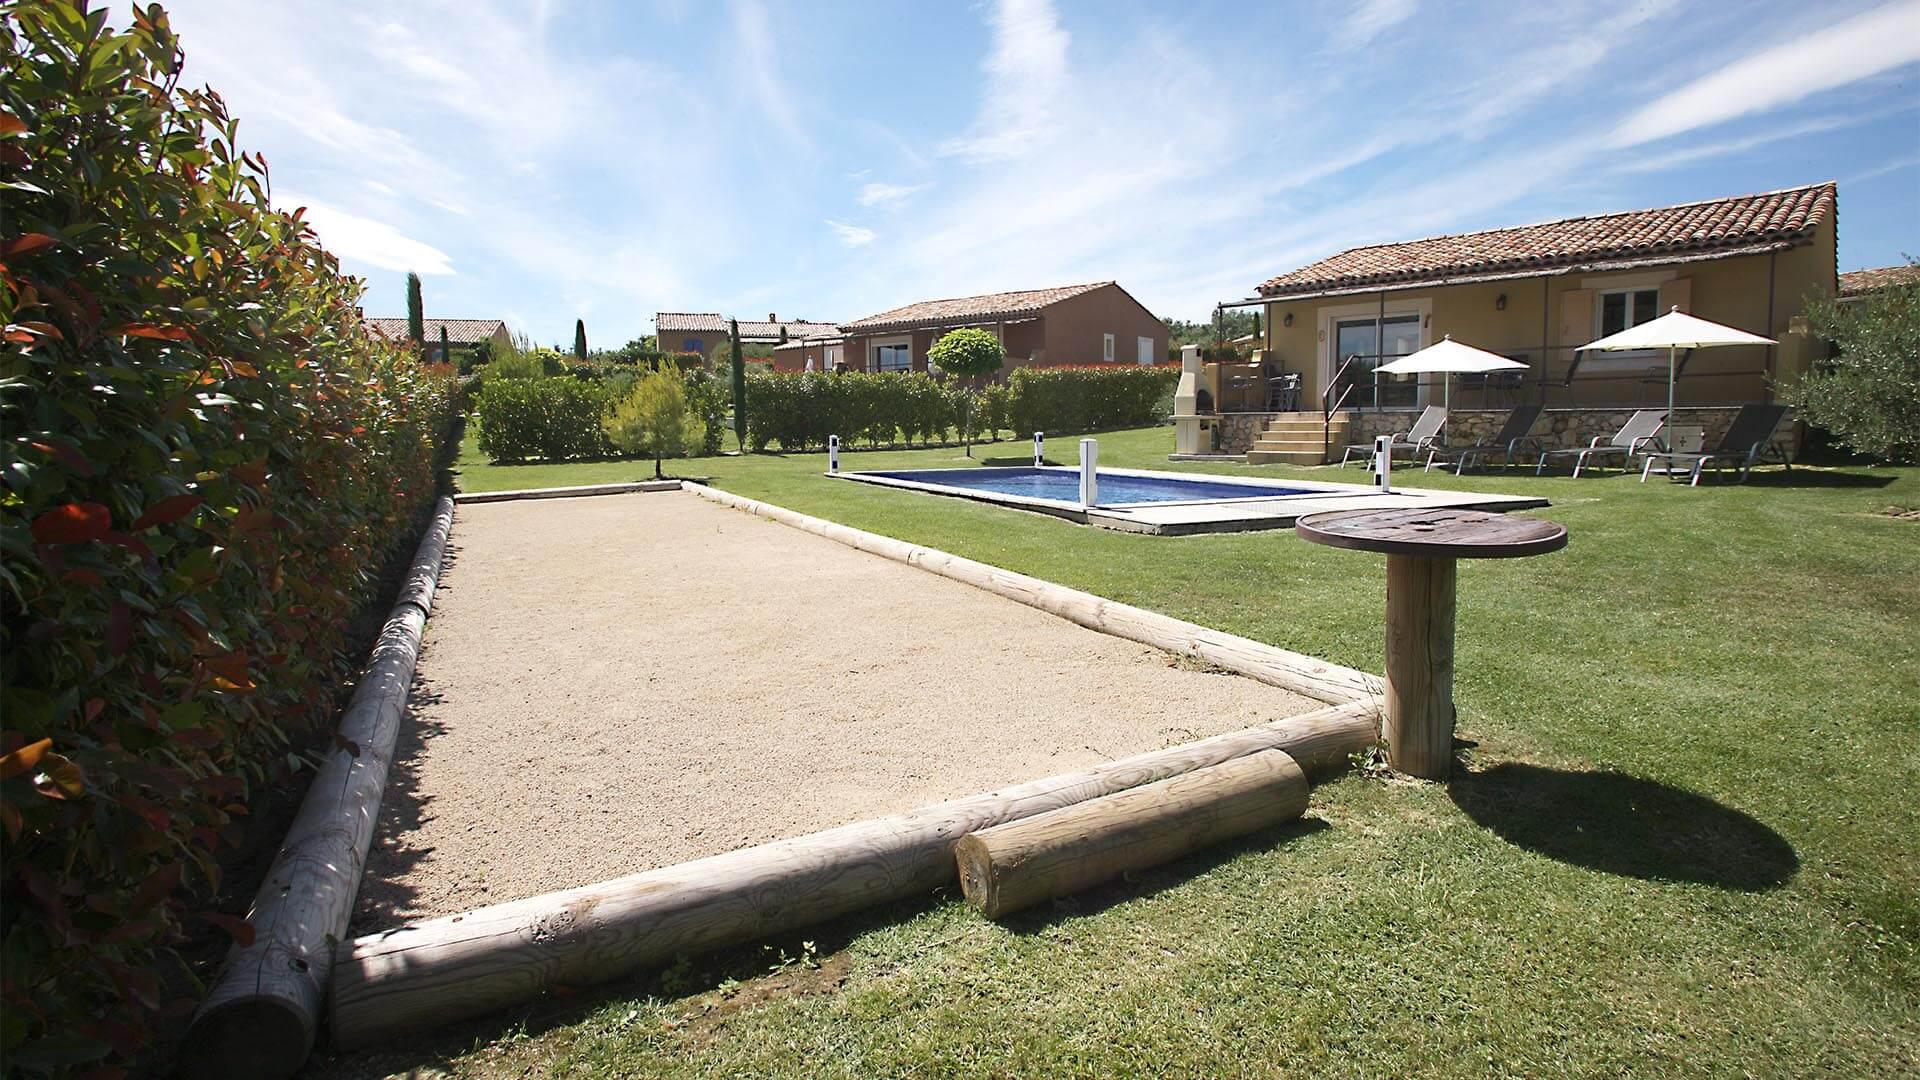 Location saisonnière T3 Haute Provence | Villa mon rêve | Terrain de pétanque